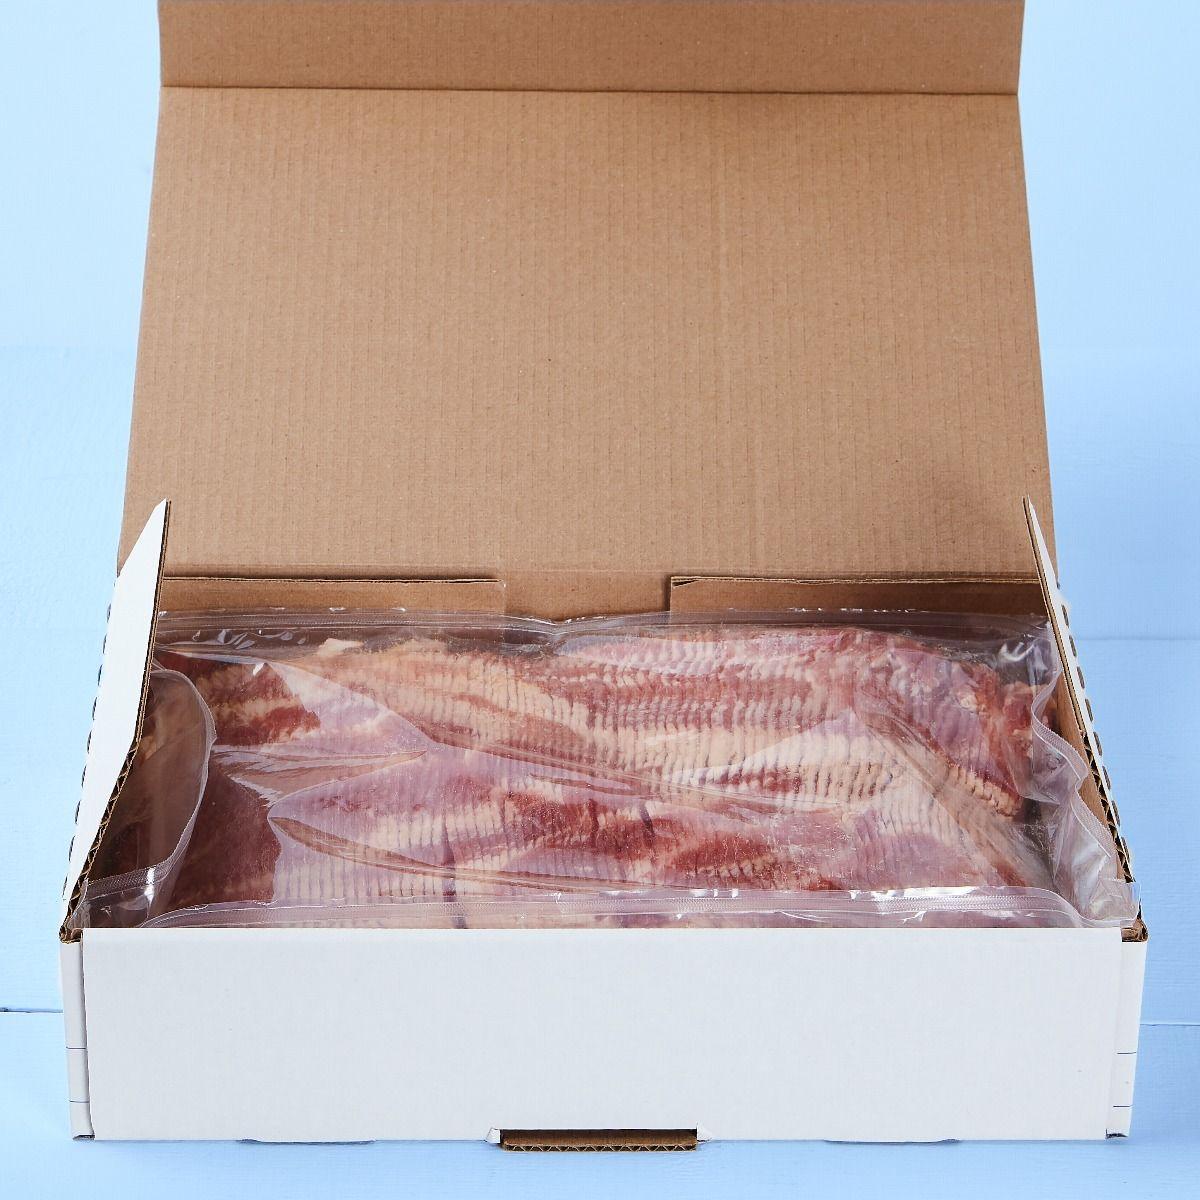 Bacon frais à saveur de fumée de bois de pommier tranché, 17 tranches / 2'' (anciennement 16-18 tranches / Lb)